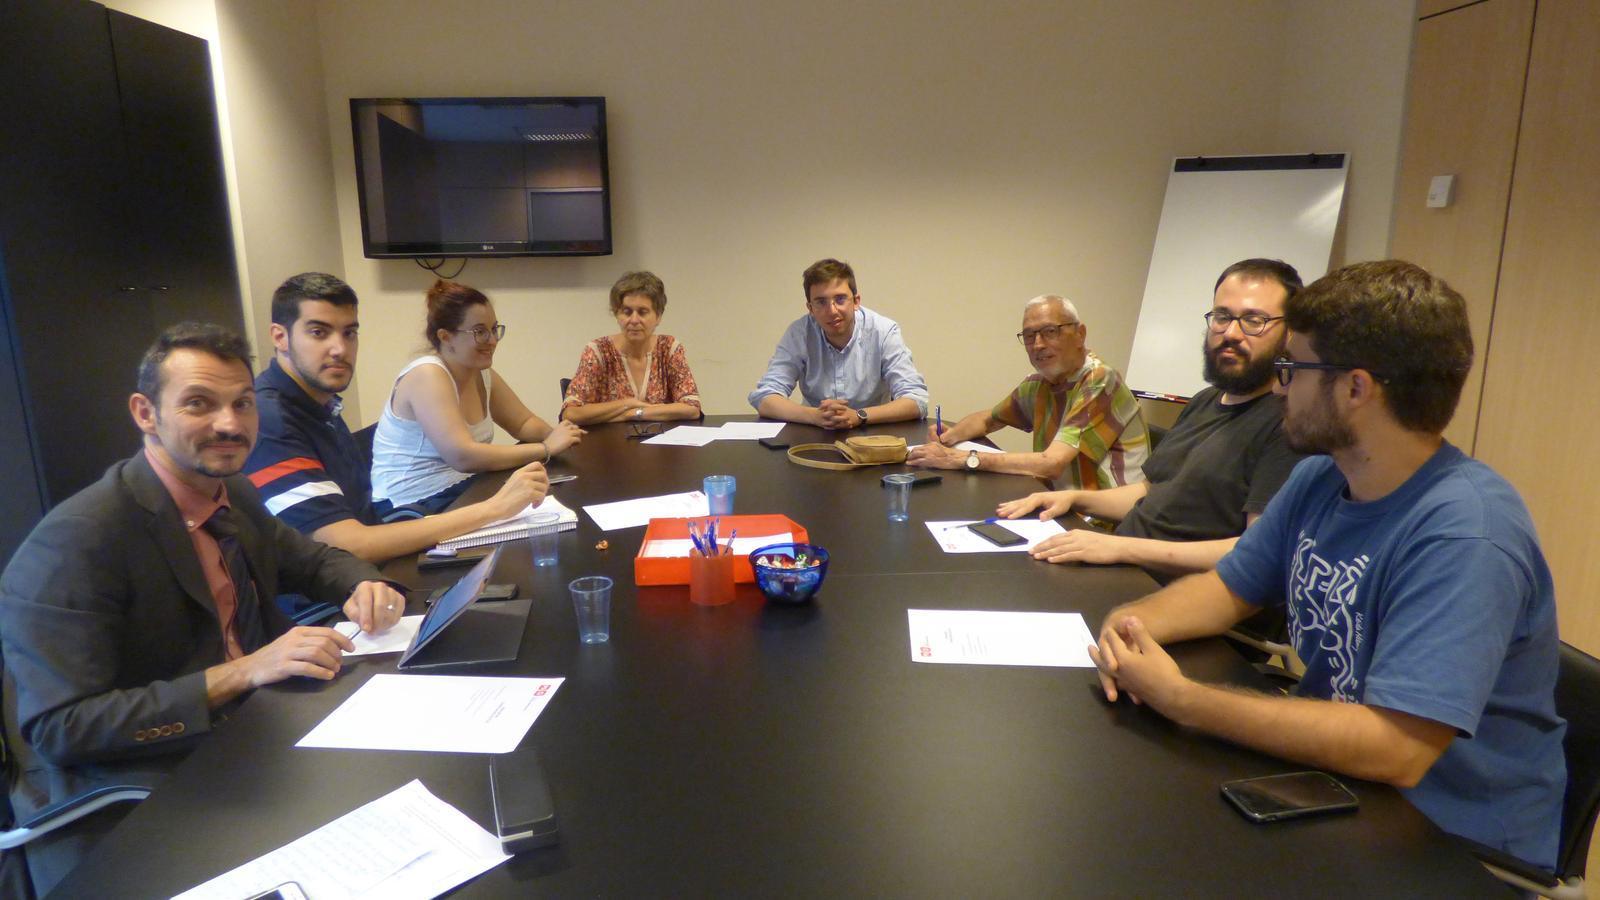 La primera reunió de la nova executiva del PS, aquesta tarda. / PS